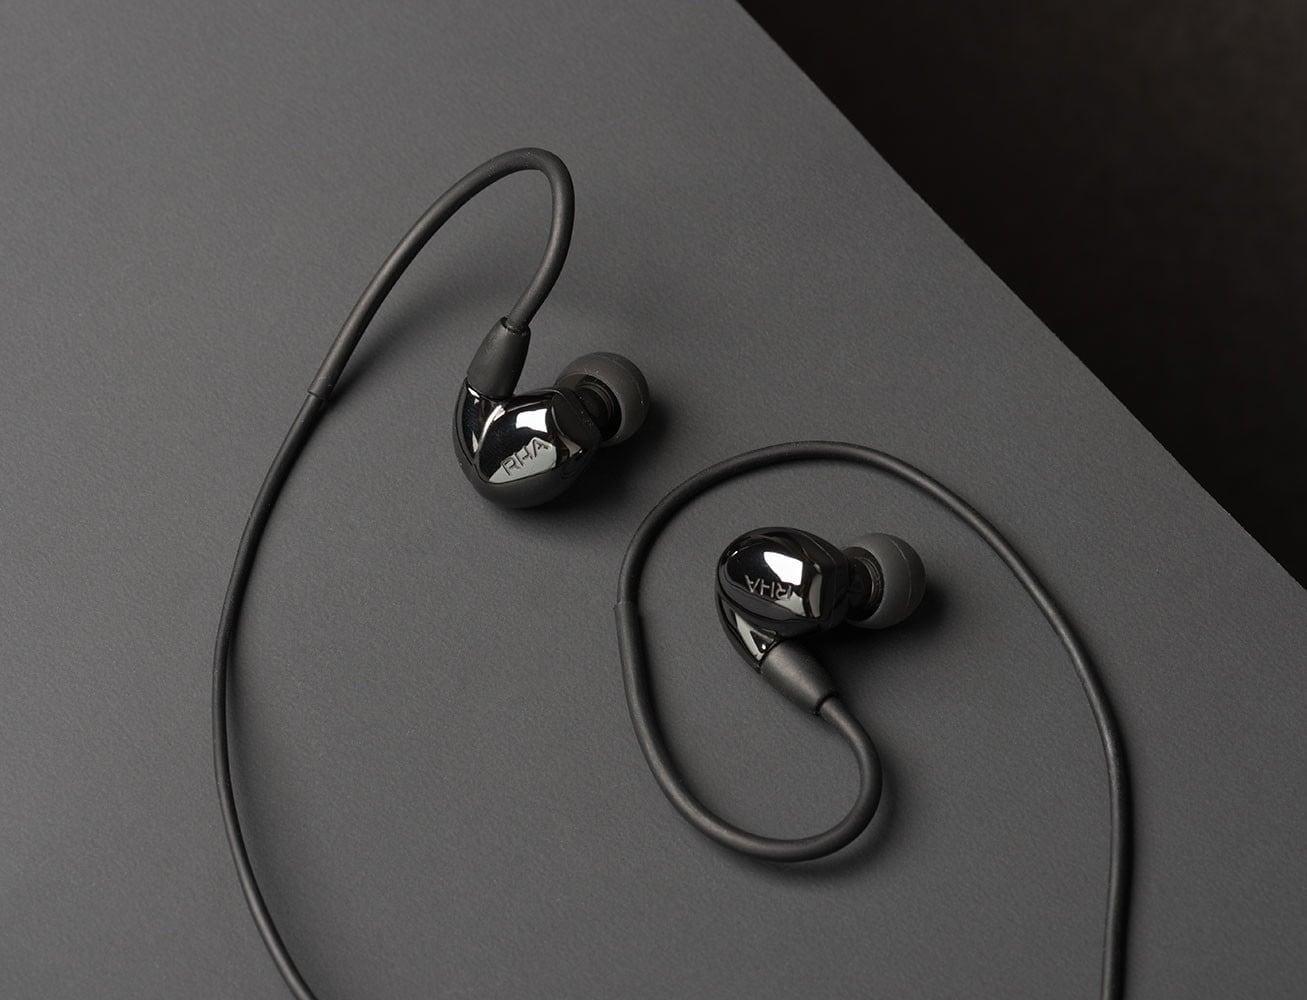 RHA CL2 Planar Magnetic In-Ear Headphones